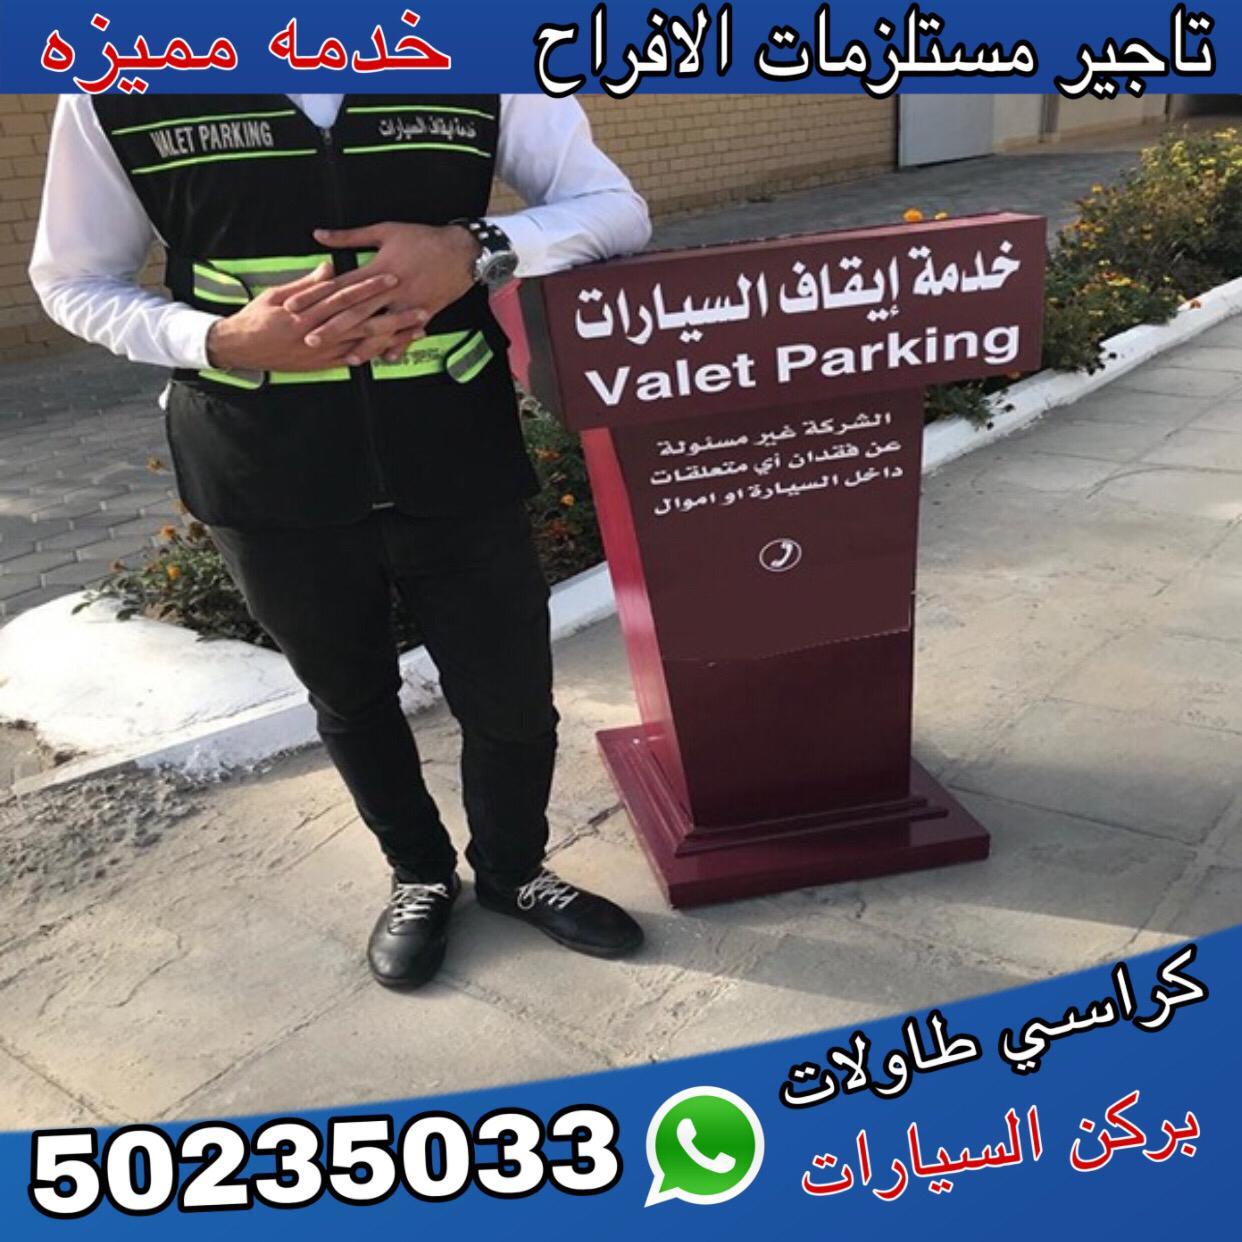 خدمة مصافط الكويت | 50235033 | الفخامة الكويتية